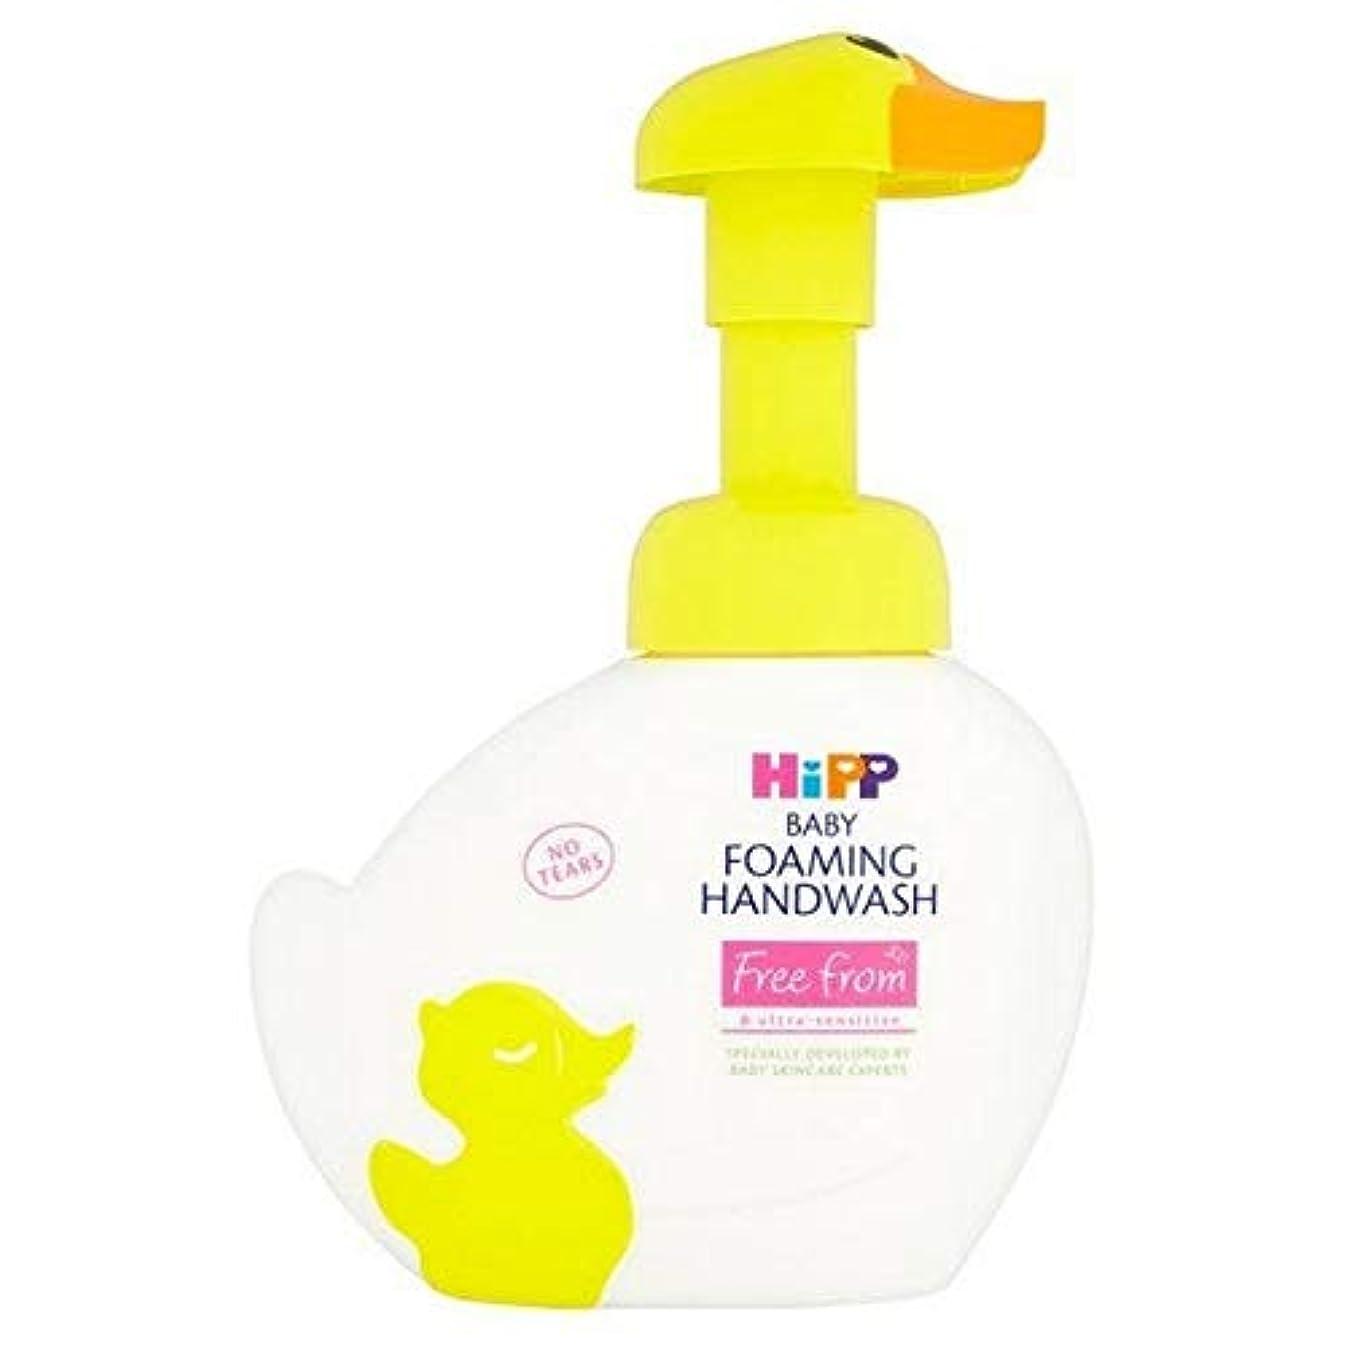 速記覆す十分です[Hipp ] ヒップ自由手洗いの250ミリリットルを発泡から - HiPP Free From Foaming Handwash 250ml [並行輸入品]